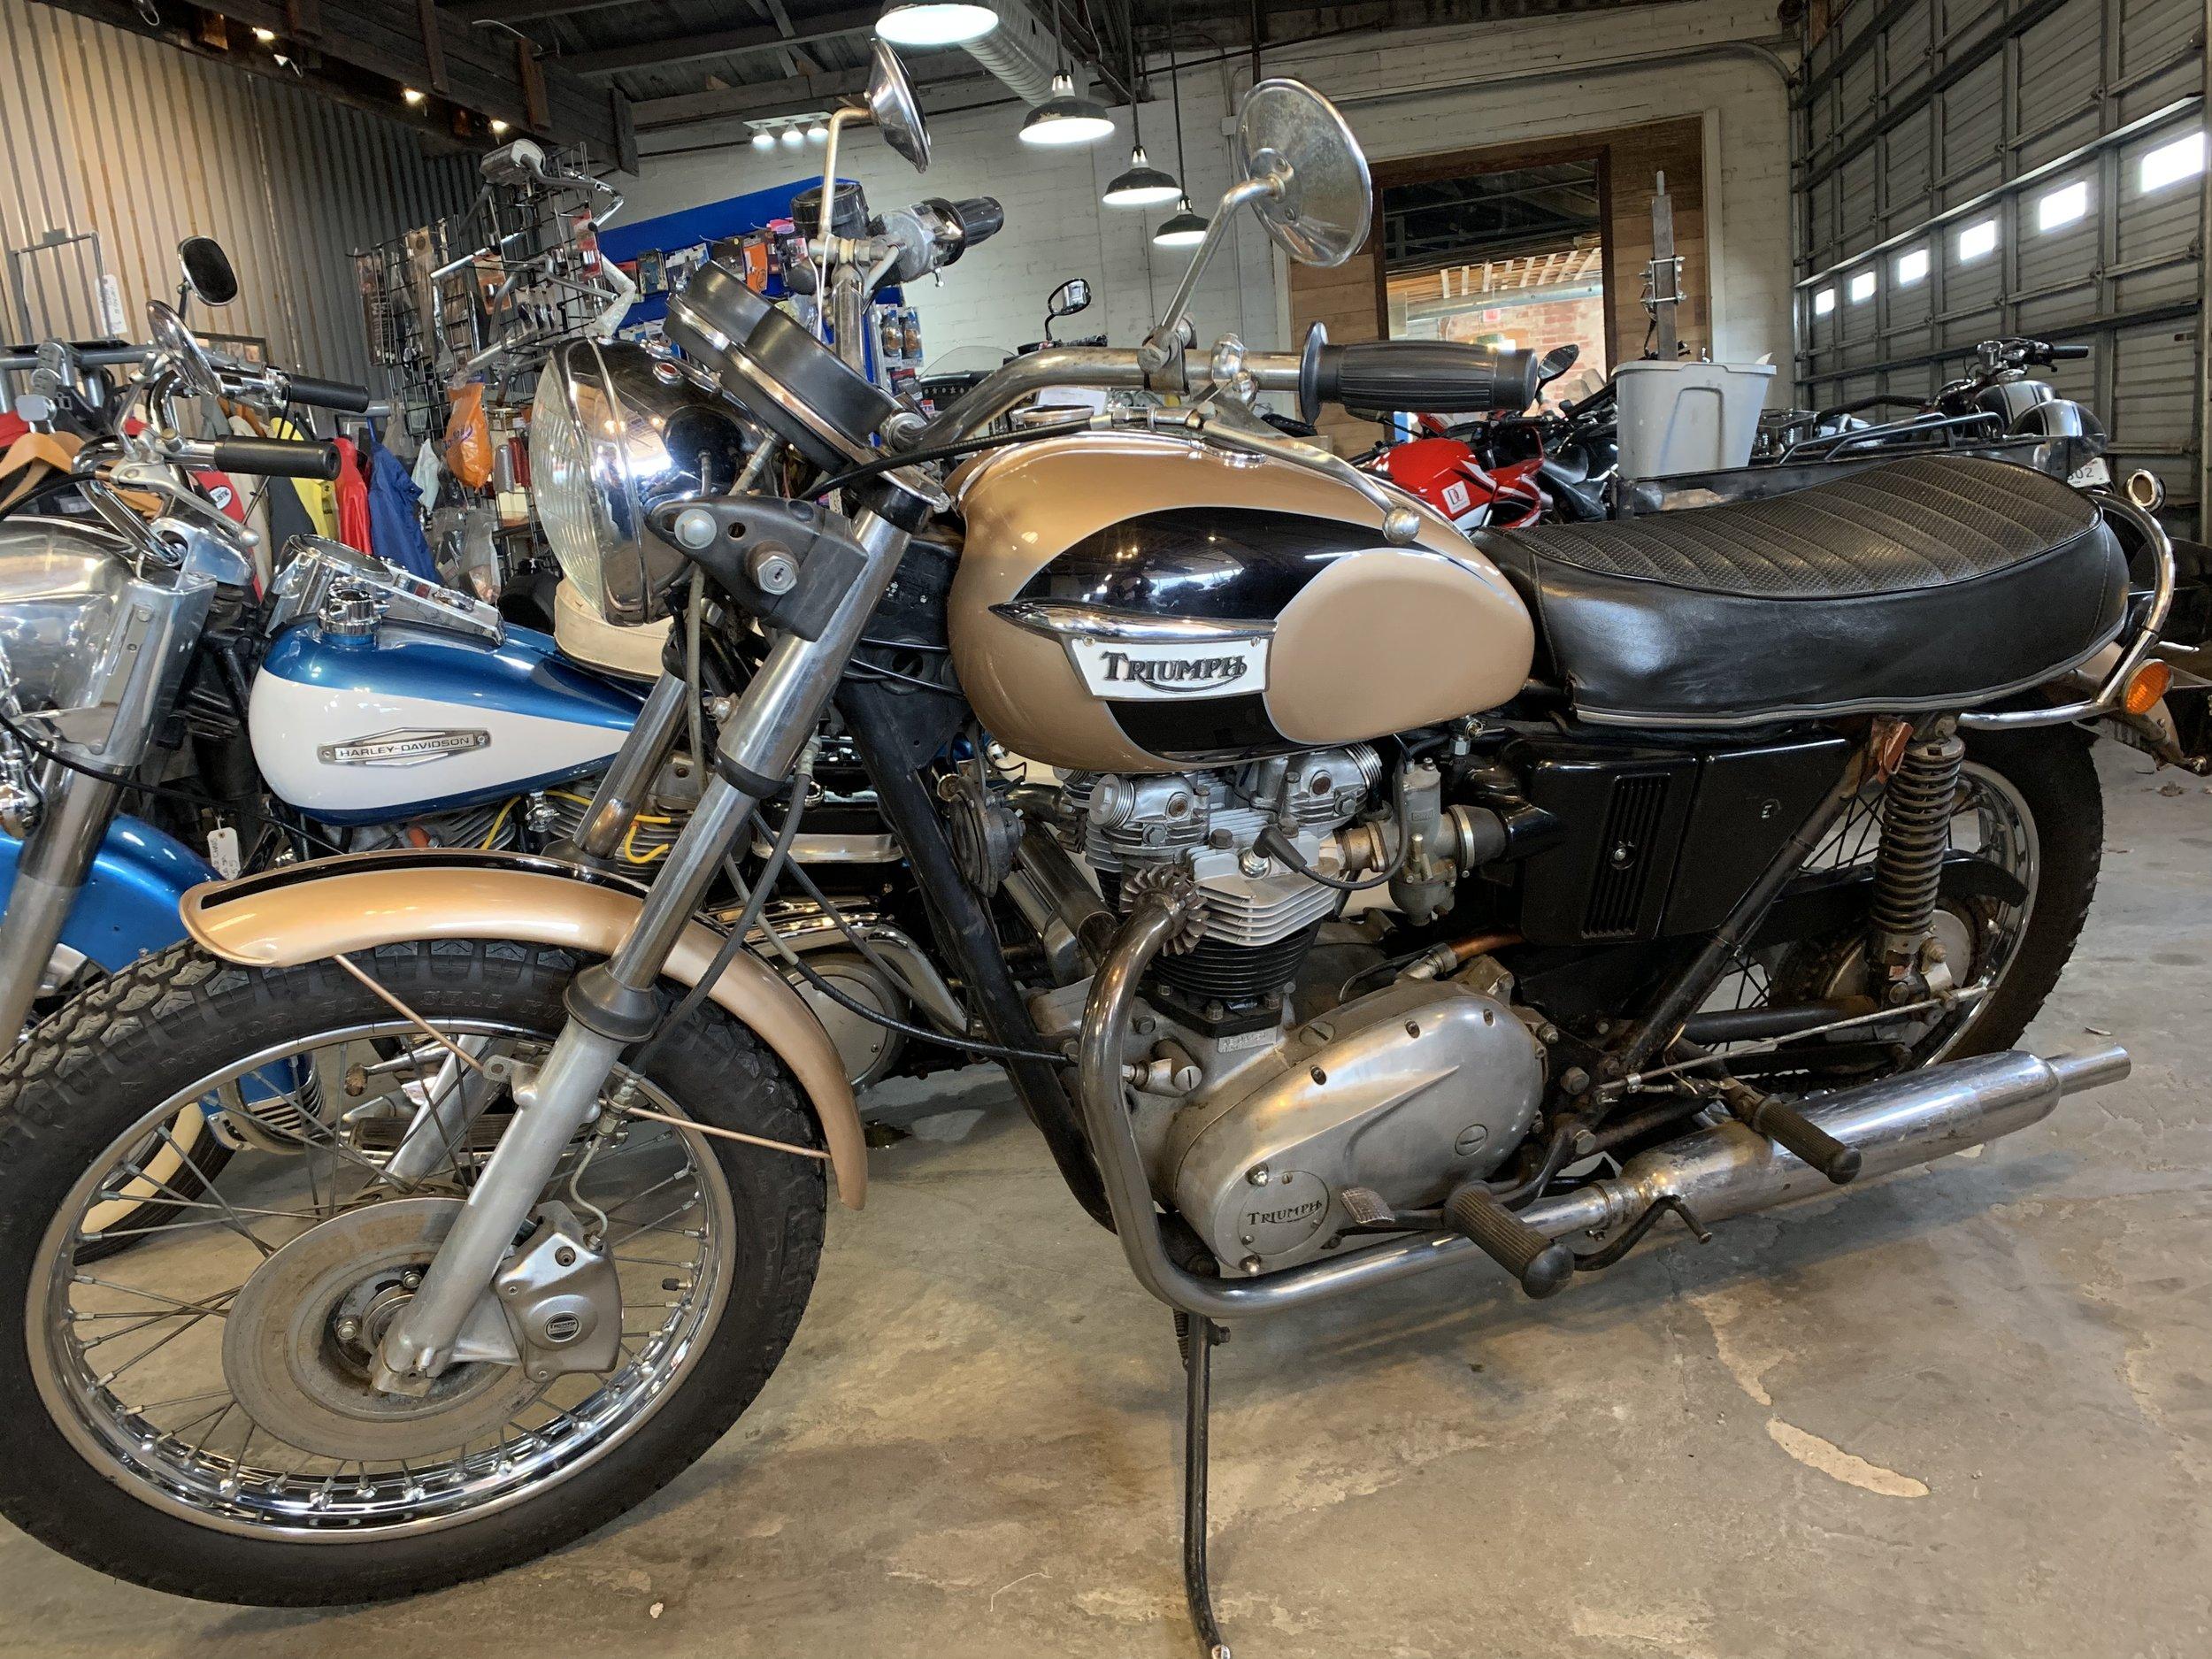 1972 Triumph Bonneville 650, 12933 miles $4,500